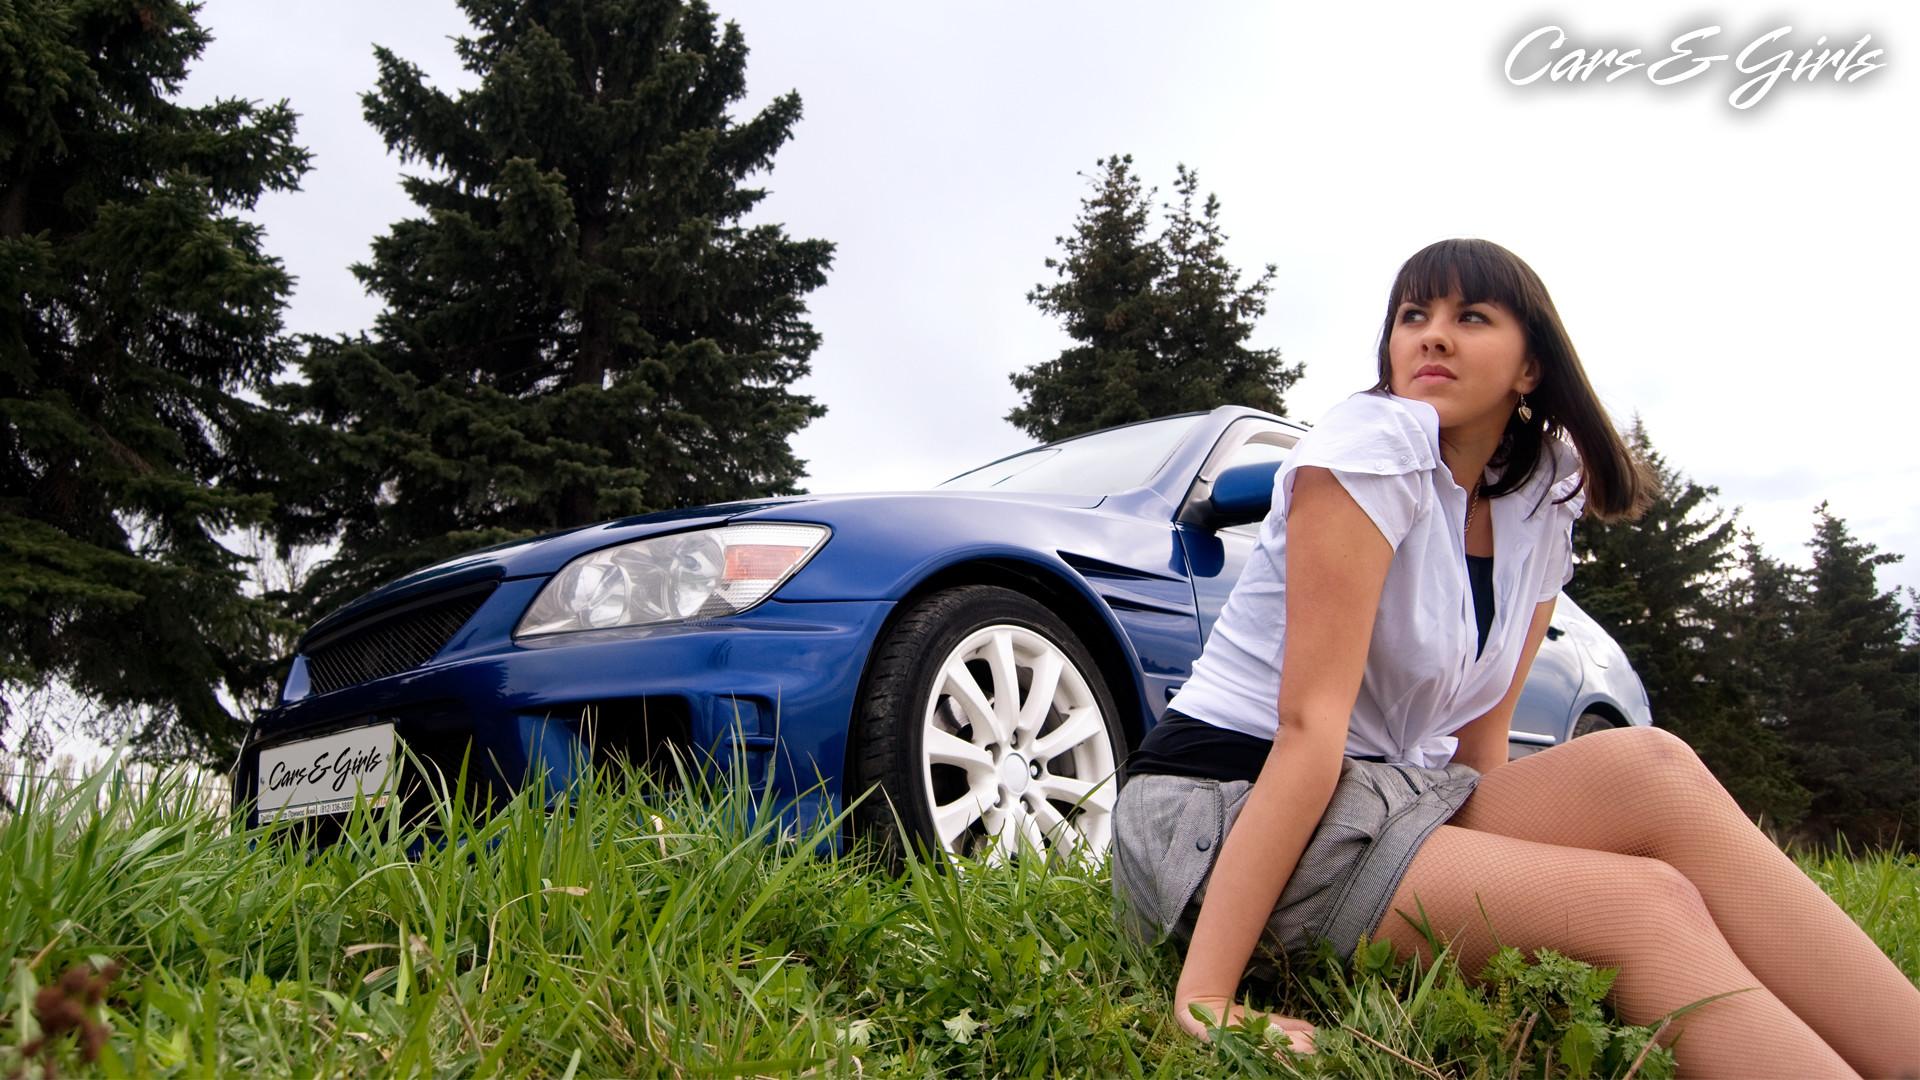 Car & Girl HD Wallpaper Download